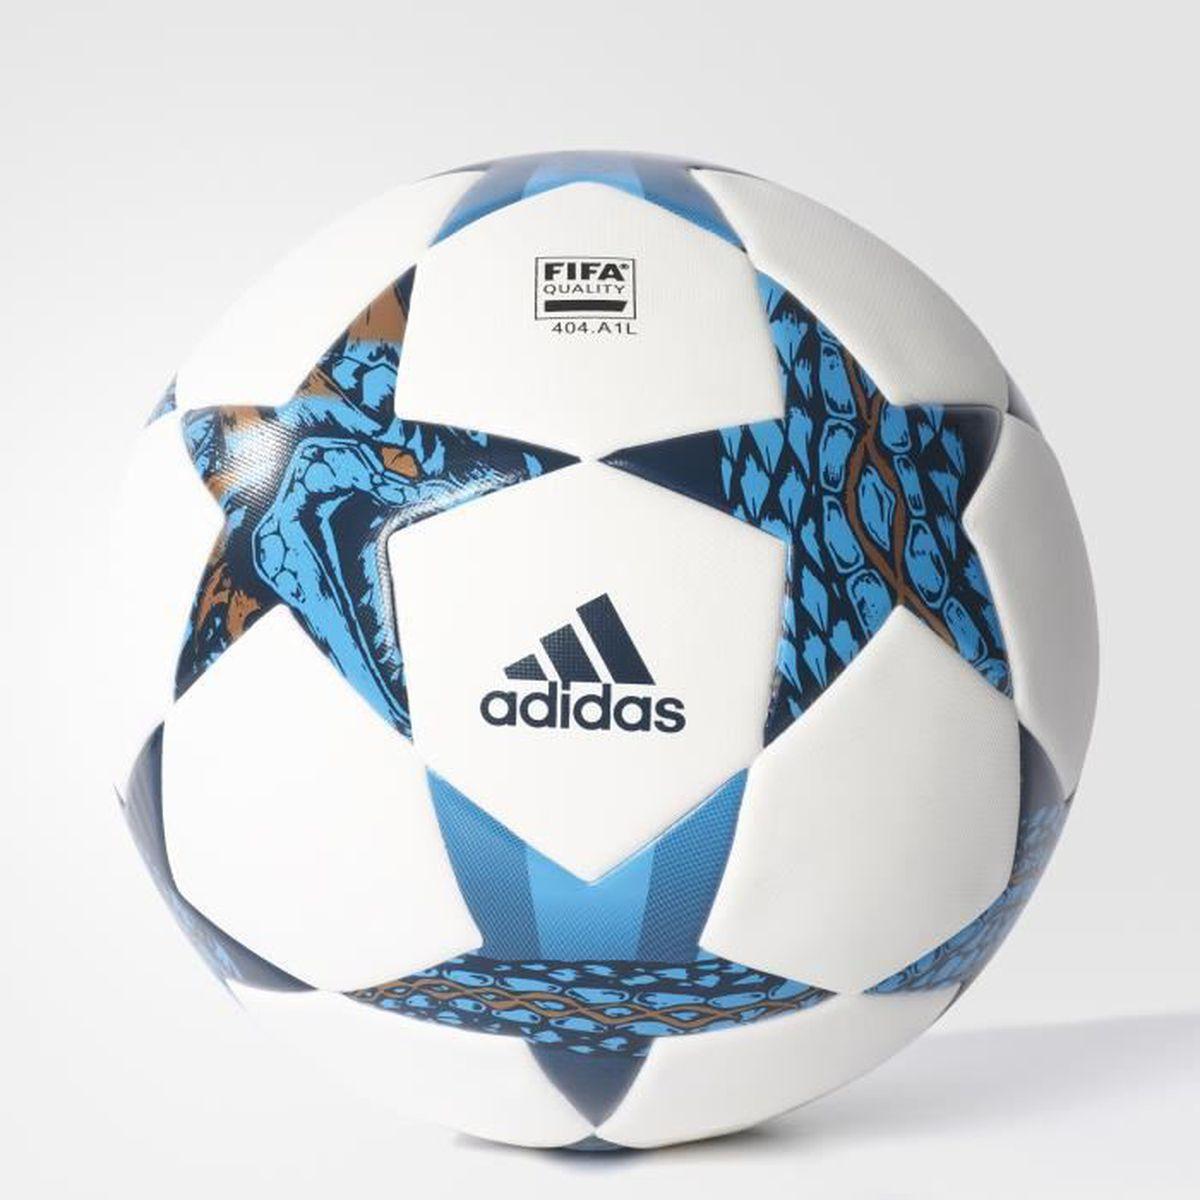 e449f64c0bc7e BALLON DE FOOTBALL Ballon adidas Finale Cardiff Top - blanc bleu nuit